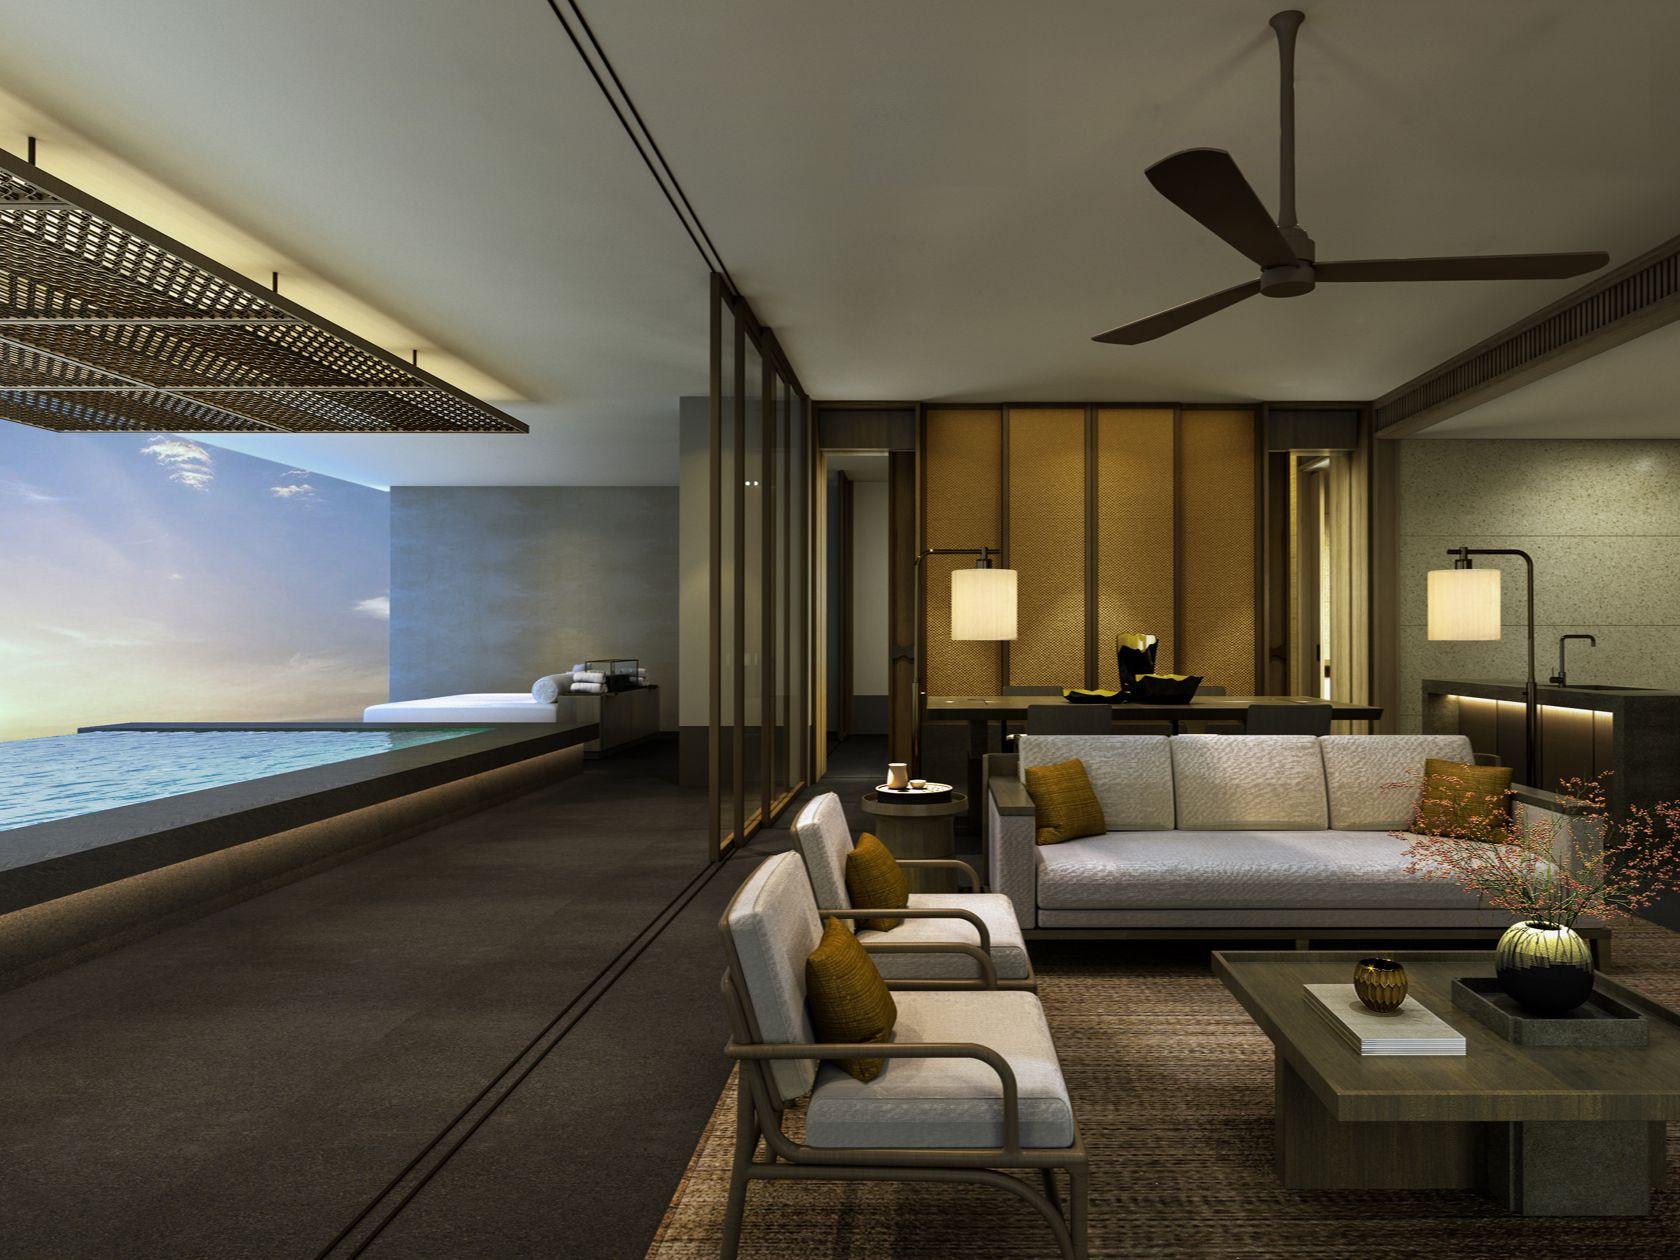 北京丽晶酒店客房浴室